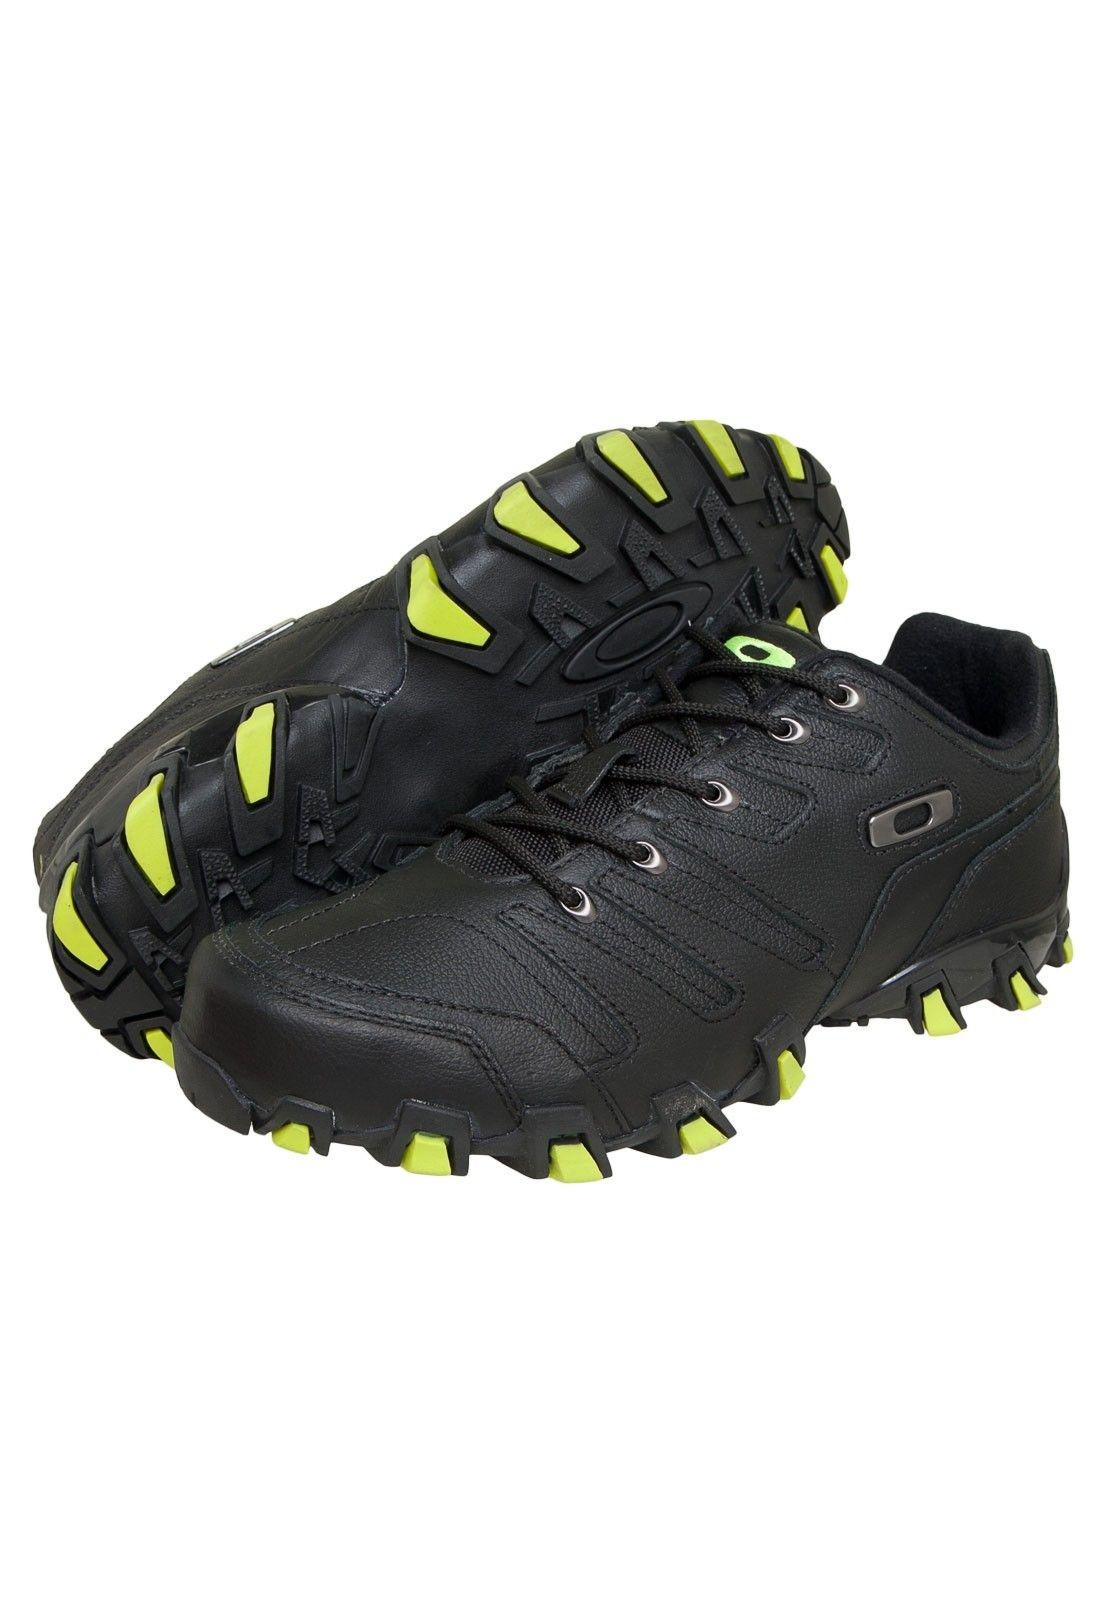 Oakley Shoes, From Brazil - Oakley-Tênis-Oakley-Theeth-Sqr-Preto-4312-9290361-1-zoom.jpg